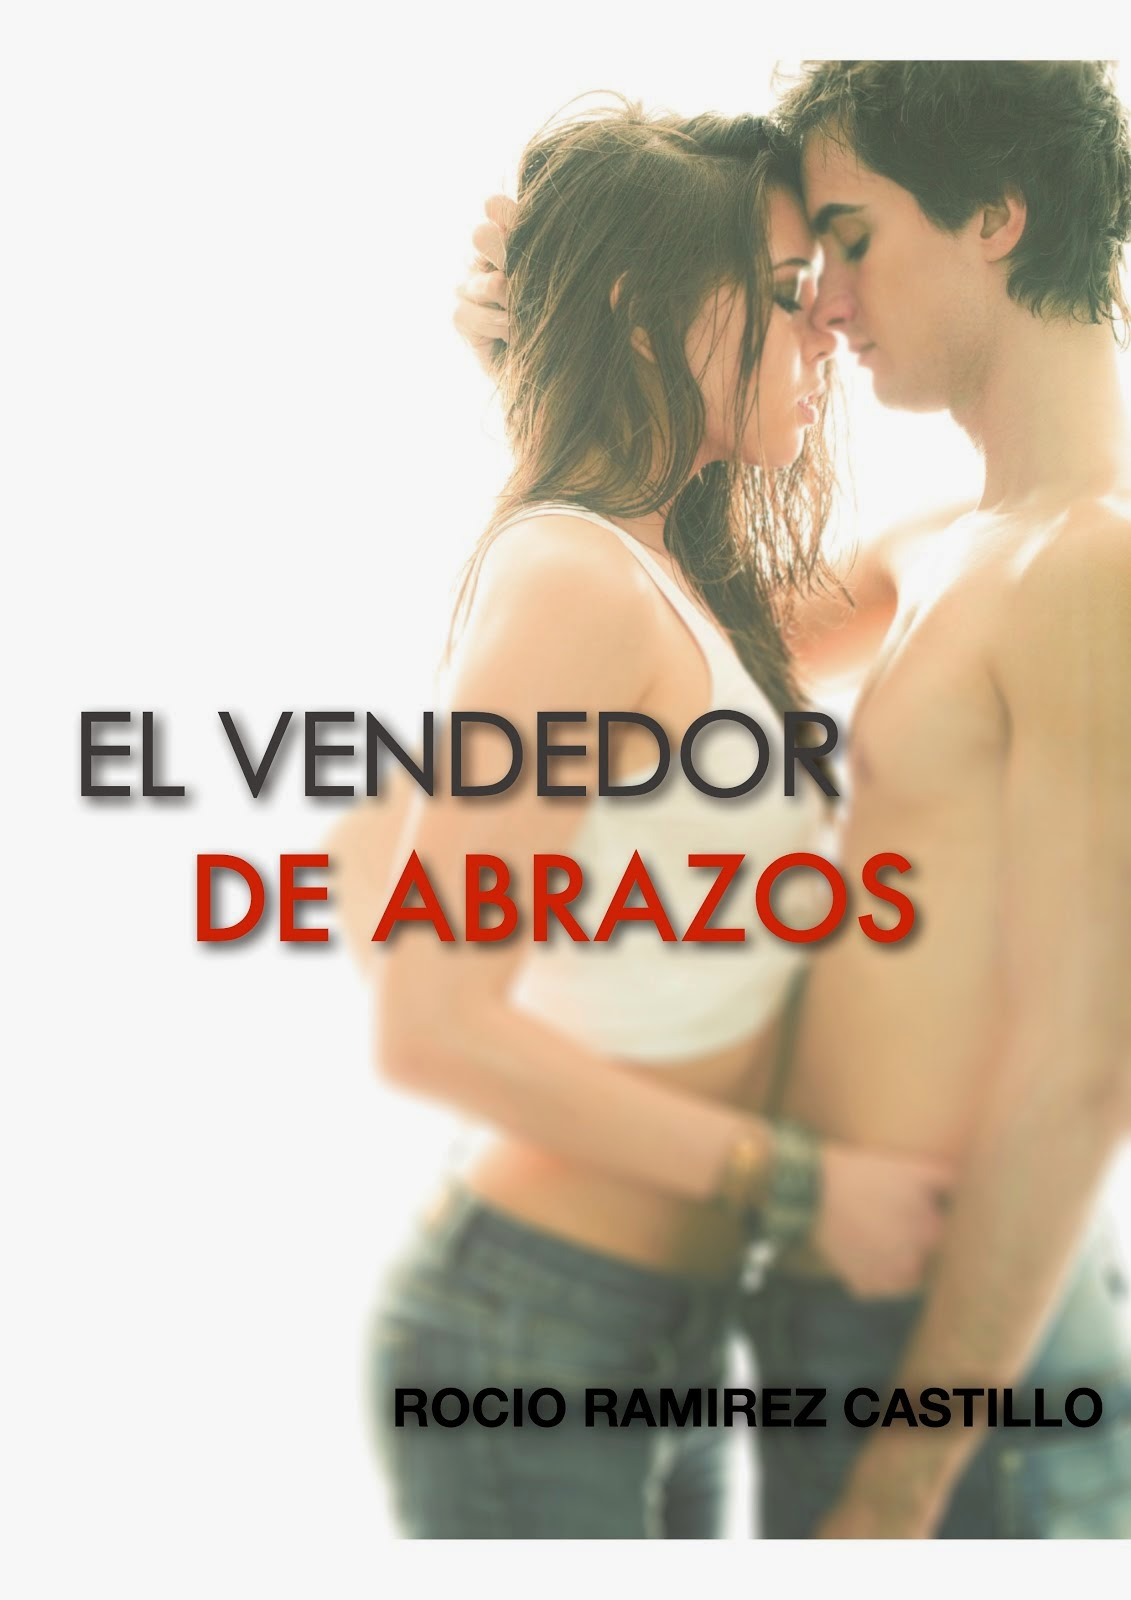 LIBRO A LA VENTA!!! Ya puedes adquirirlo en Amazon.com